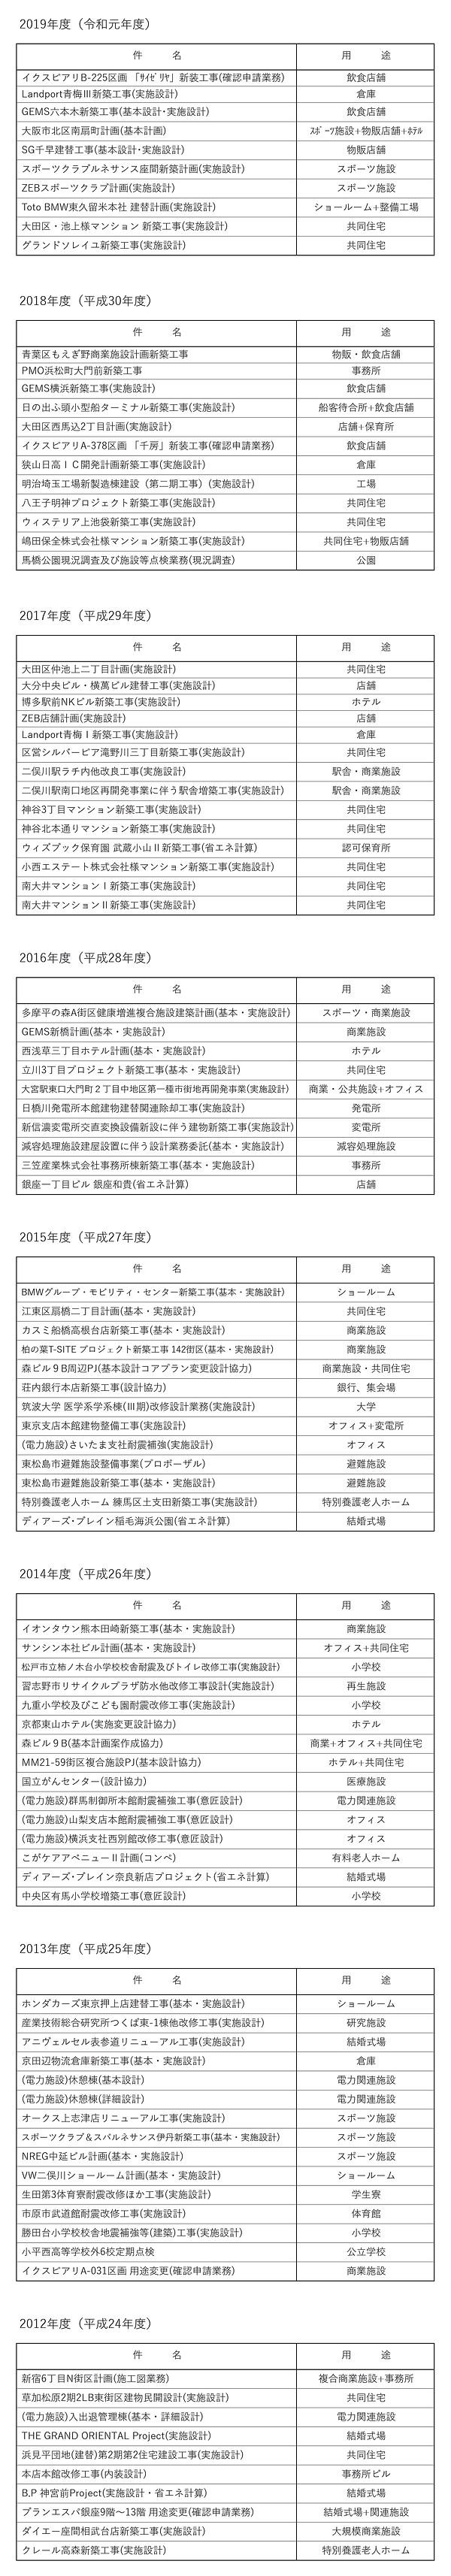 業務実績リスト_201216.jpg